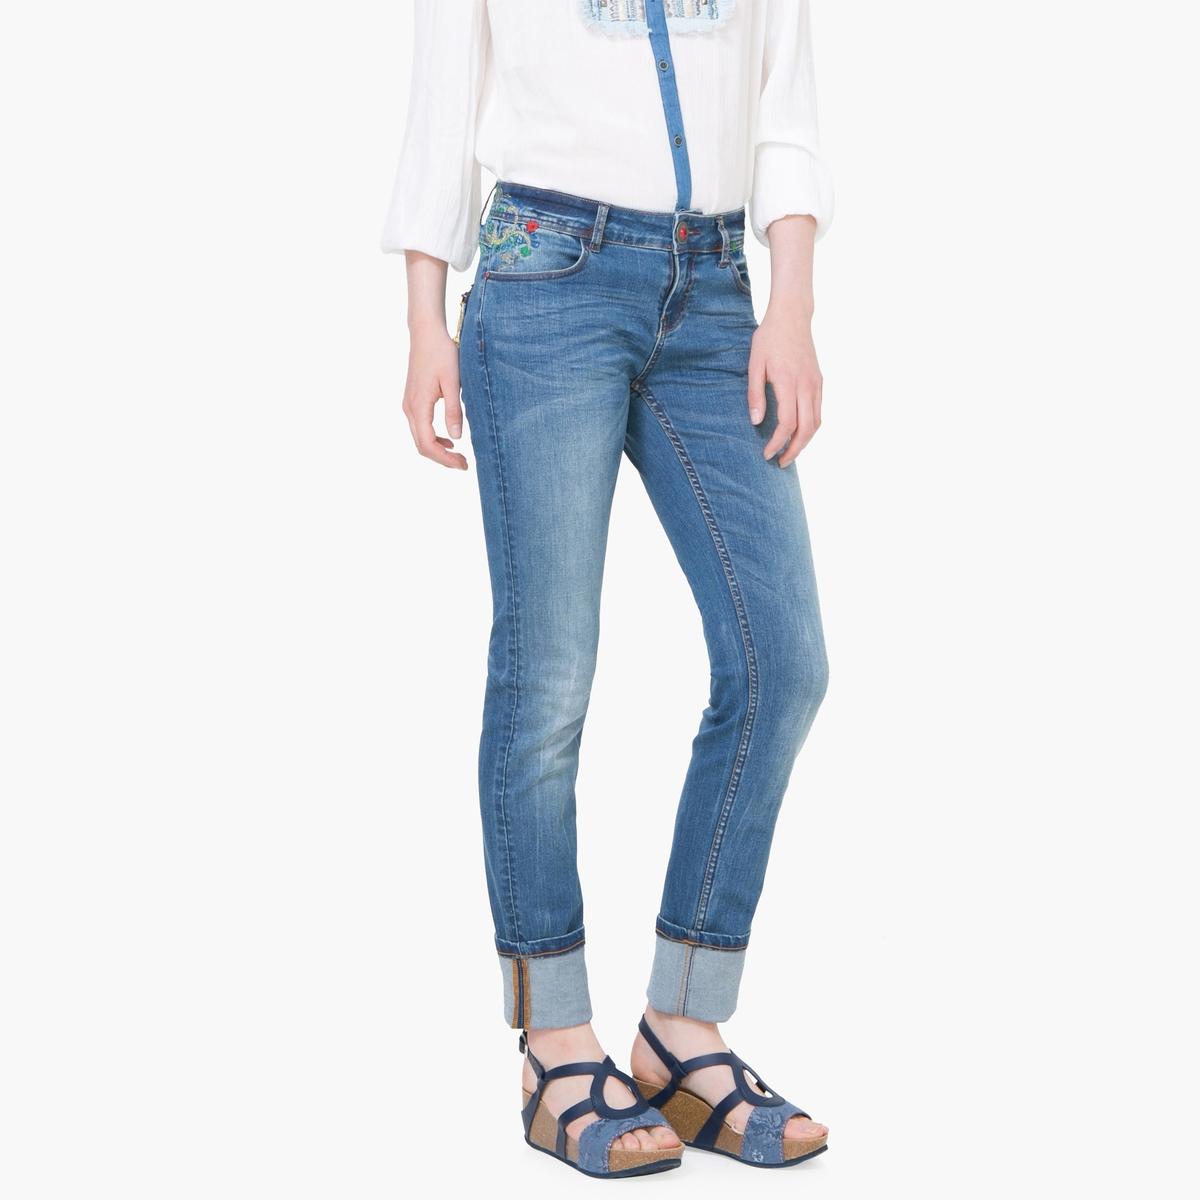 Джинсы зауженные с эффектом потертостиМатериал: 89% хлопка, 1% эластана, 10% полиэстера. Высота пояса: стандартная.Покрой джинсов: узкие джинсы.Длина джинсов: длина 32.<br><br>Цвет: голубой<br>Размер: 27 (US) - 42/44 (RUS)